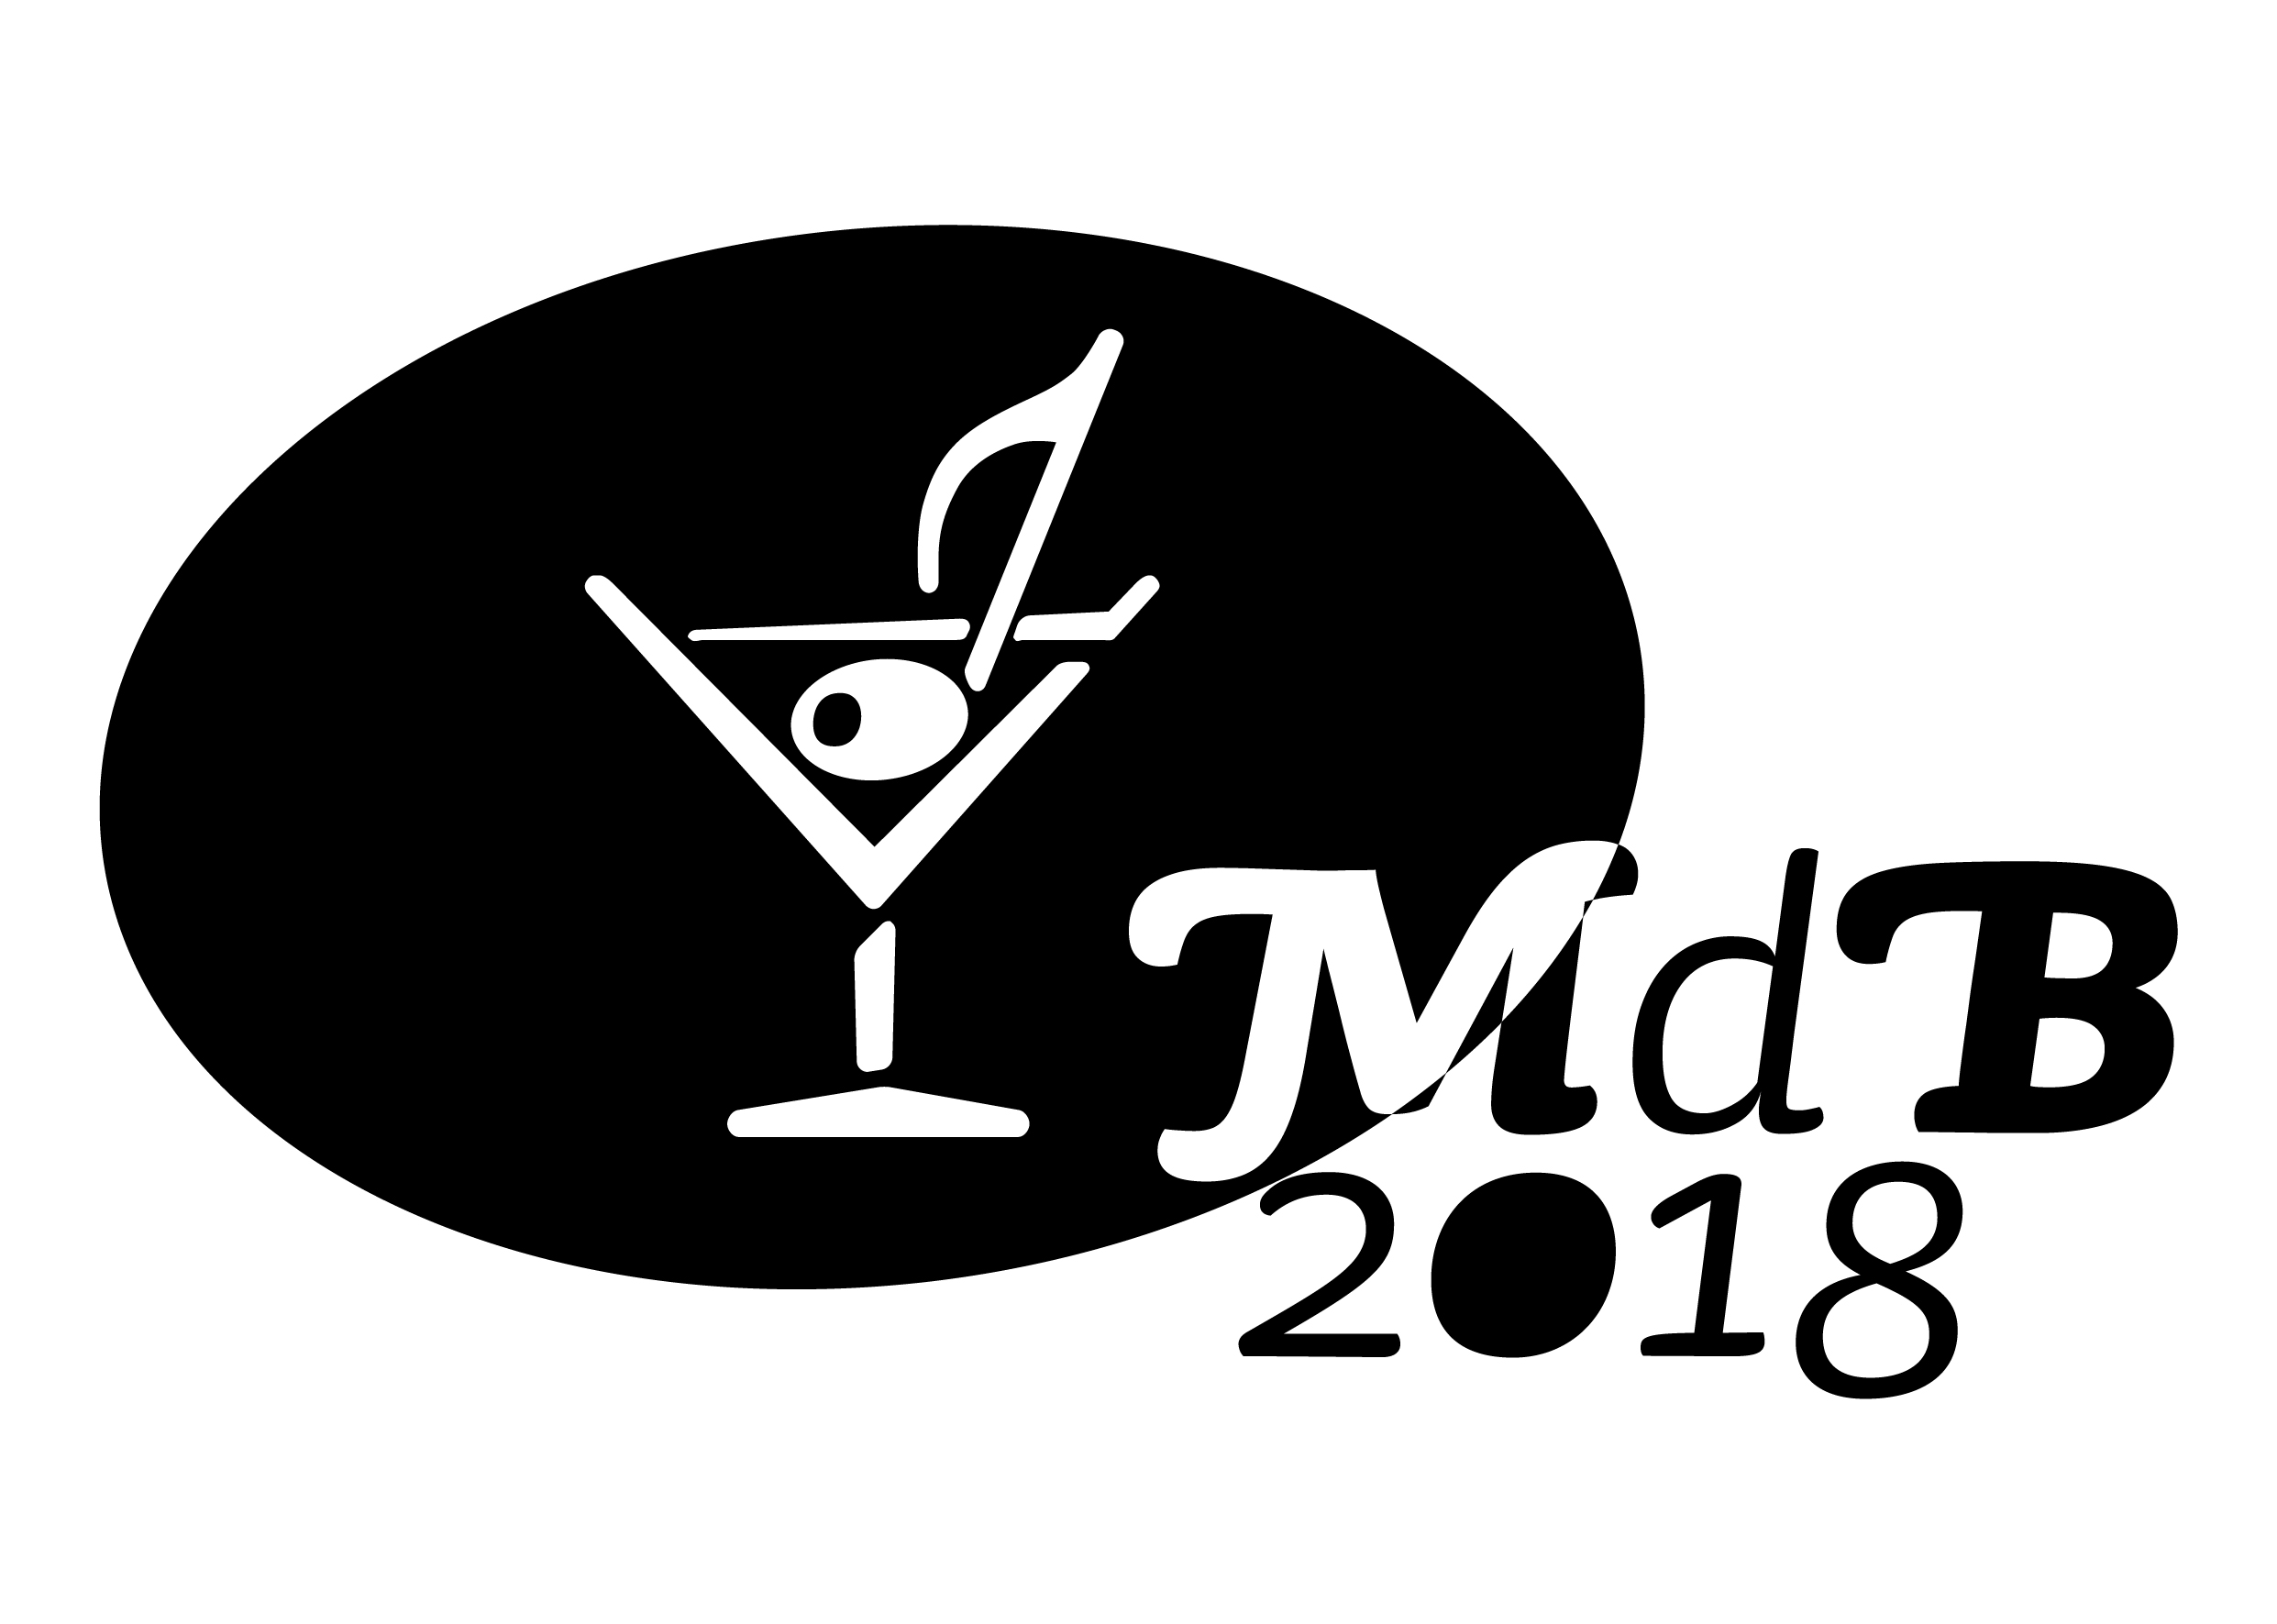 Mdb - Sponsor - Reload Soundfestival